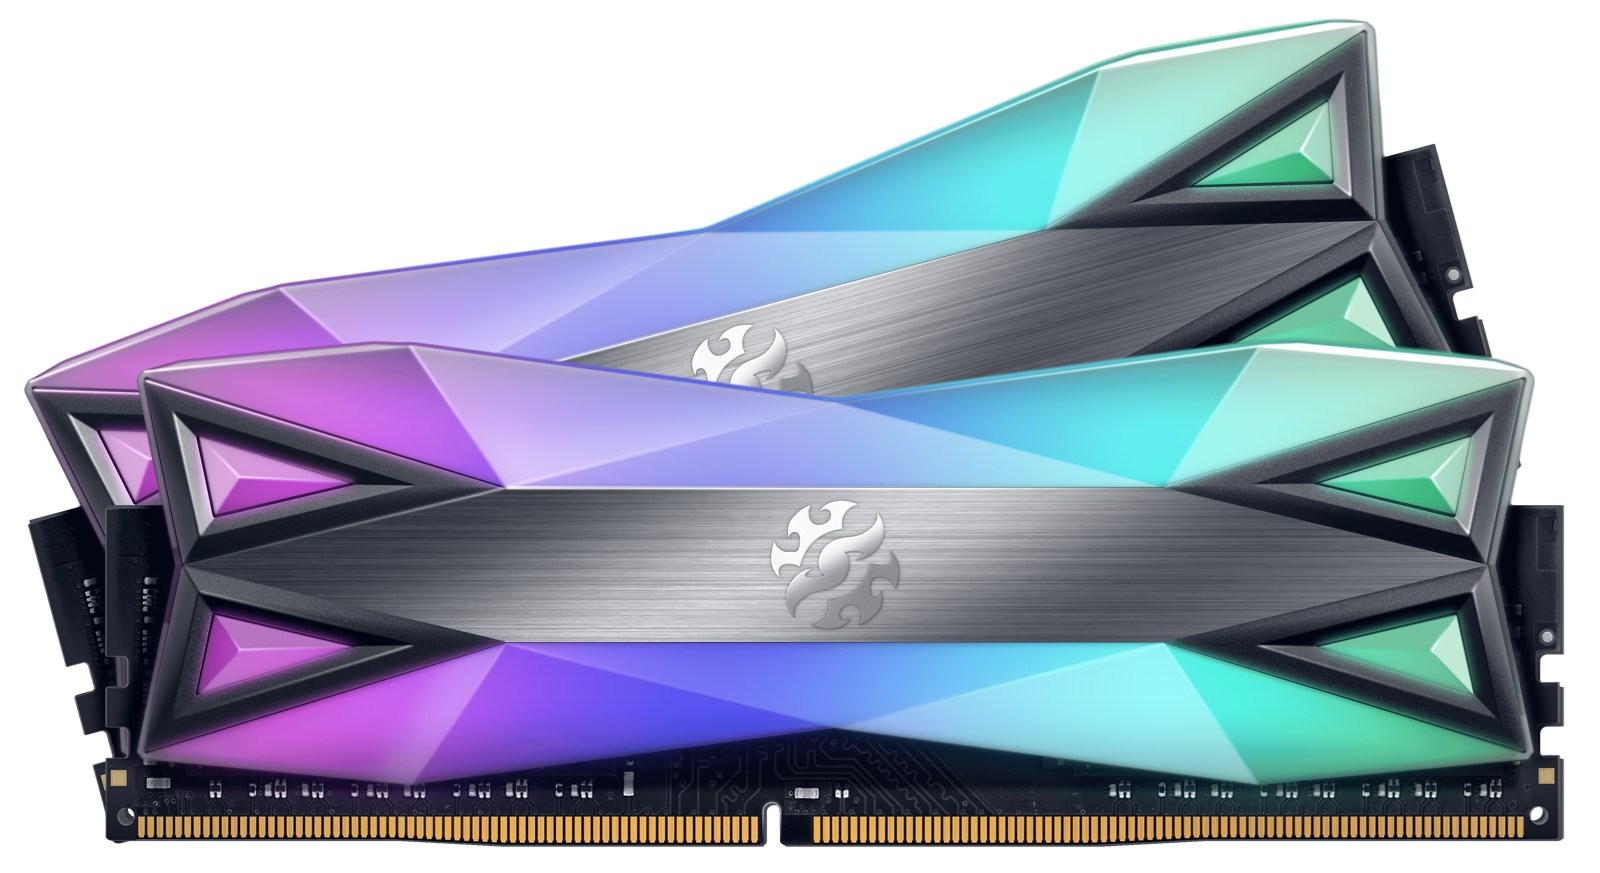 Adata XPG Spectrix D60G 16GB (2x8GB) 3200MHz DDR4 Memory Kit